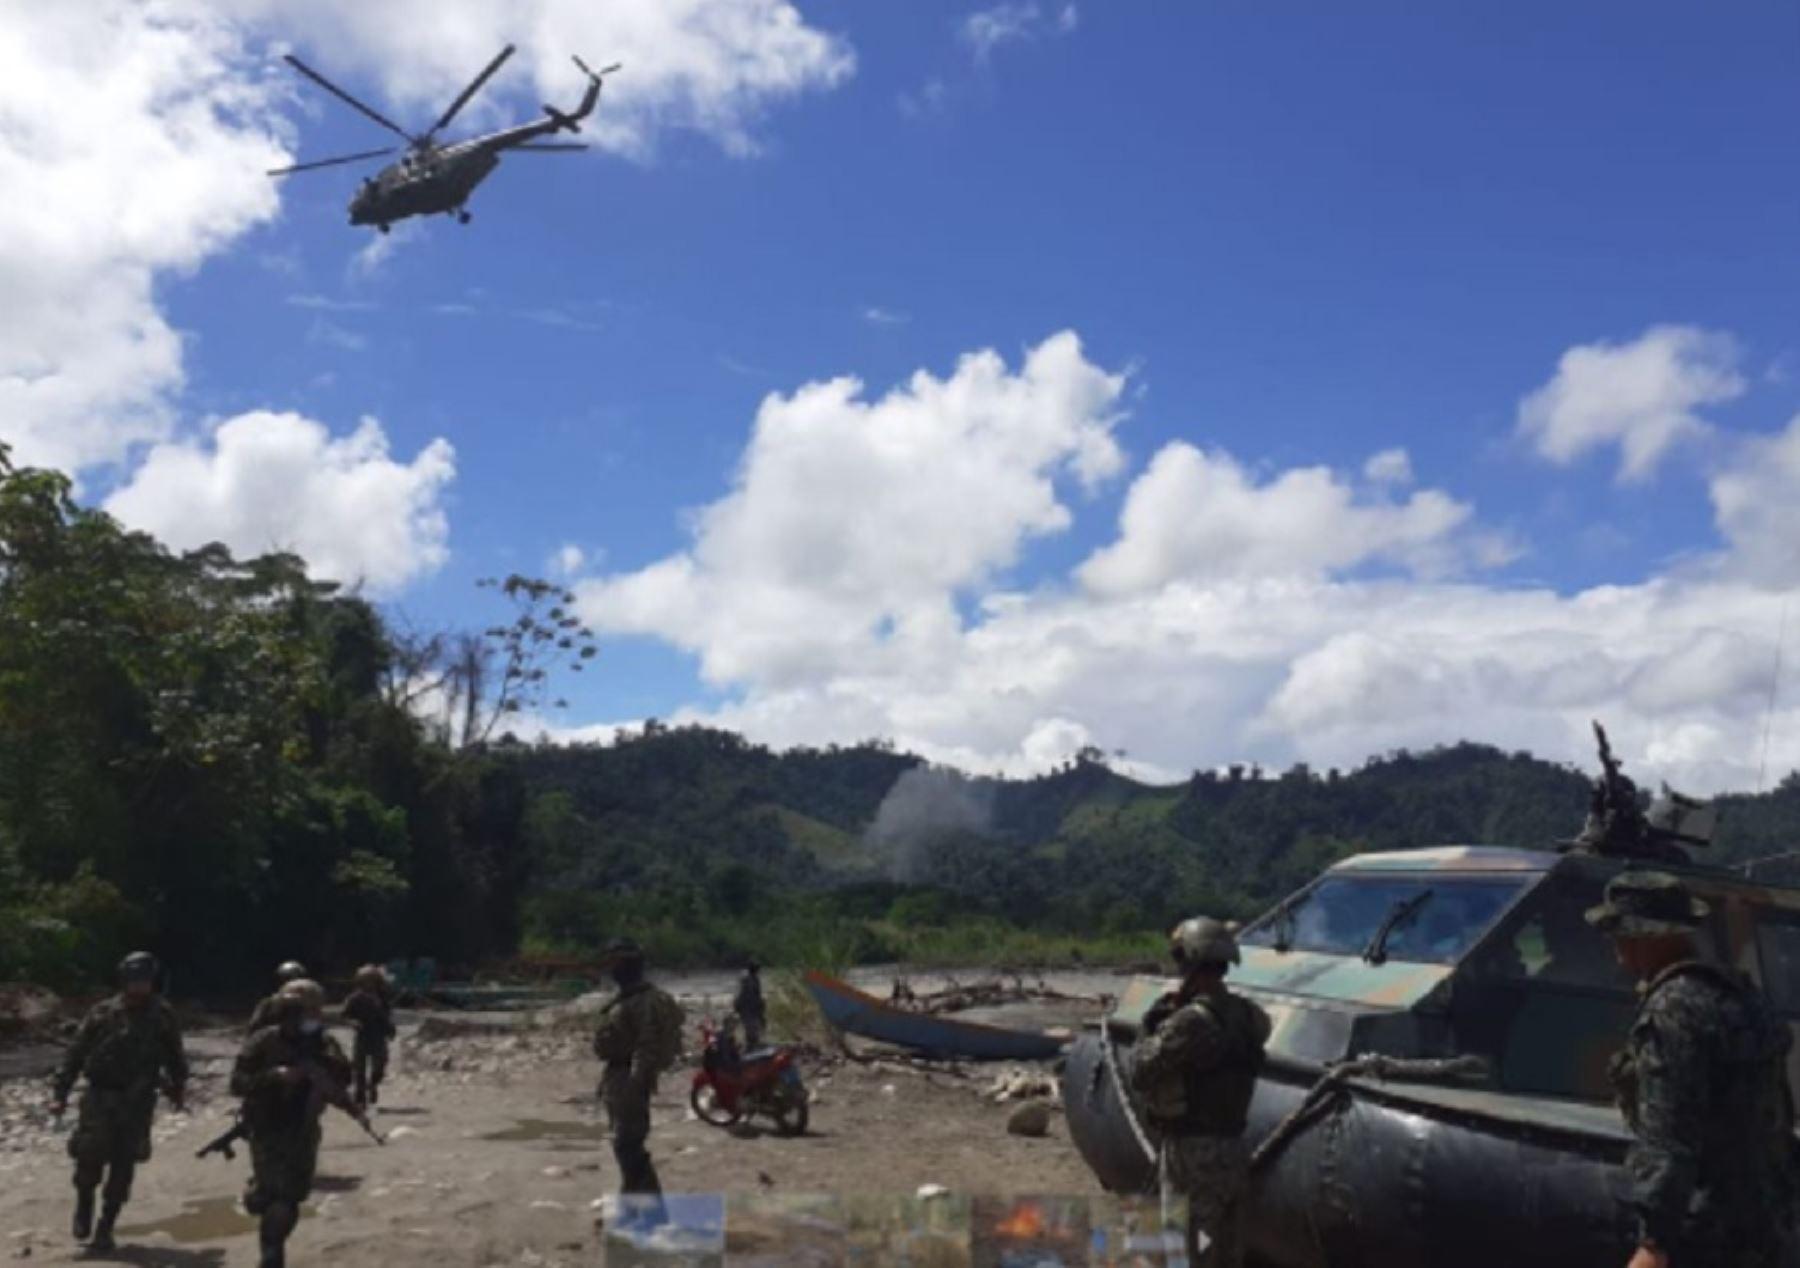 Elecciones en Perú al rojo vivo tras masacre de Sendero Luminoso